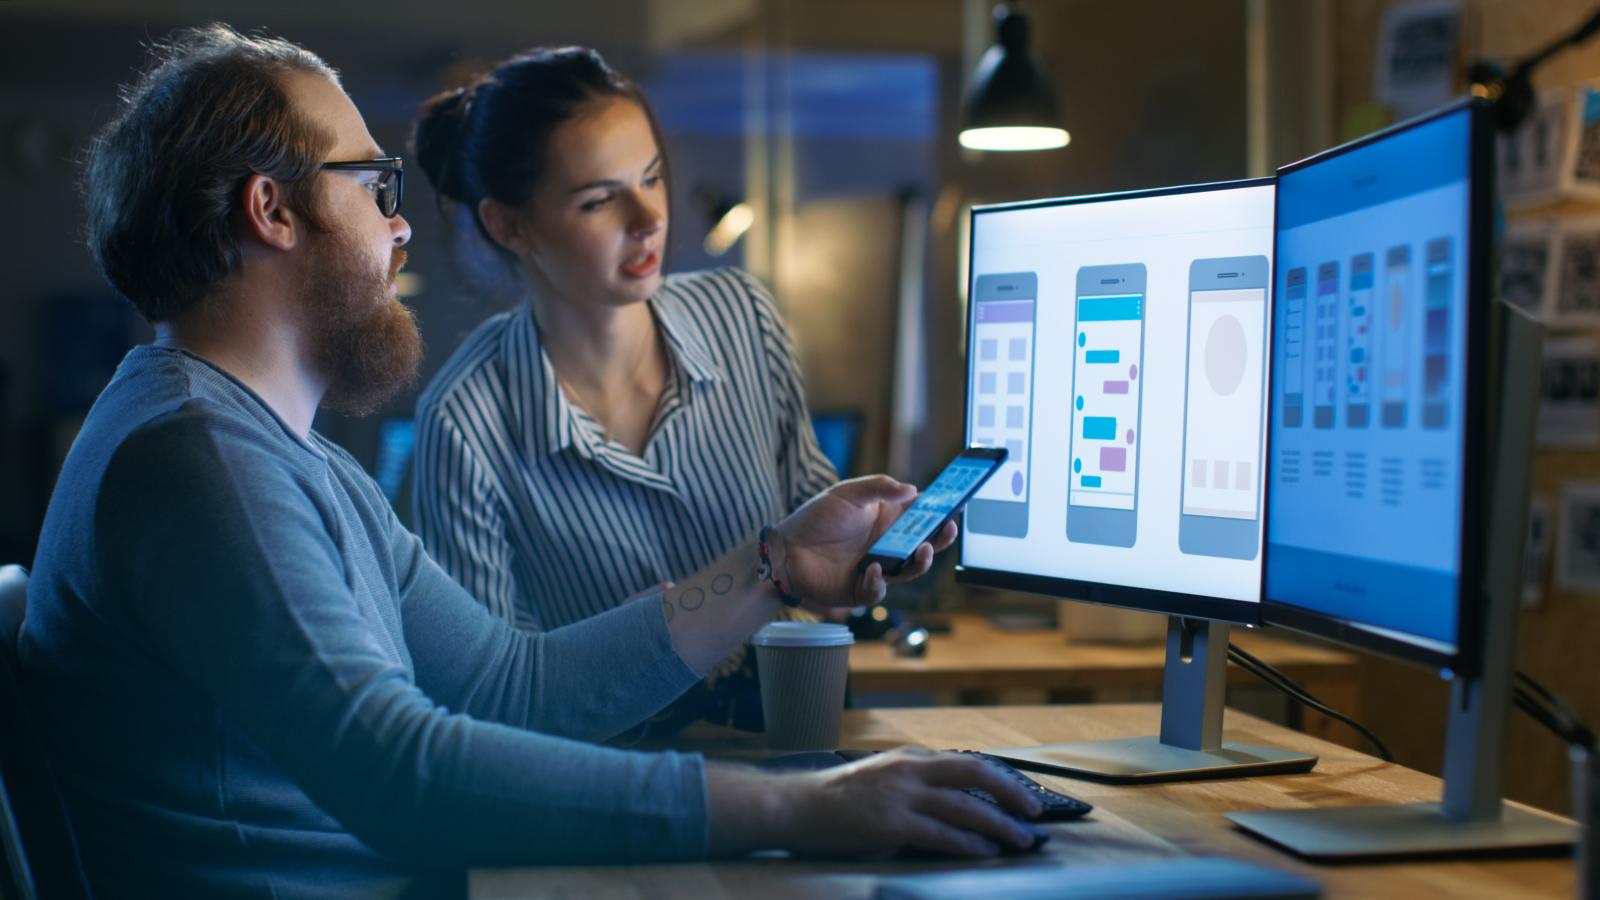 Tendencias en diseño de apps en 2019